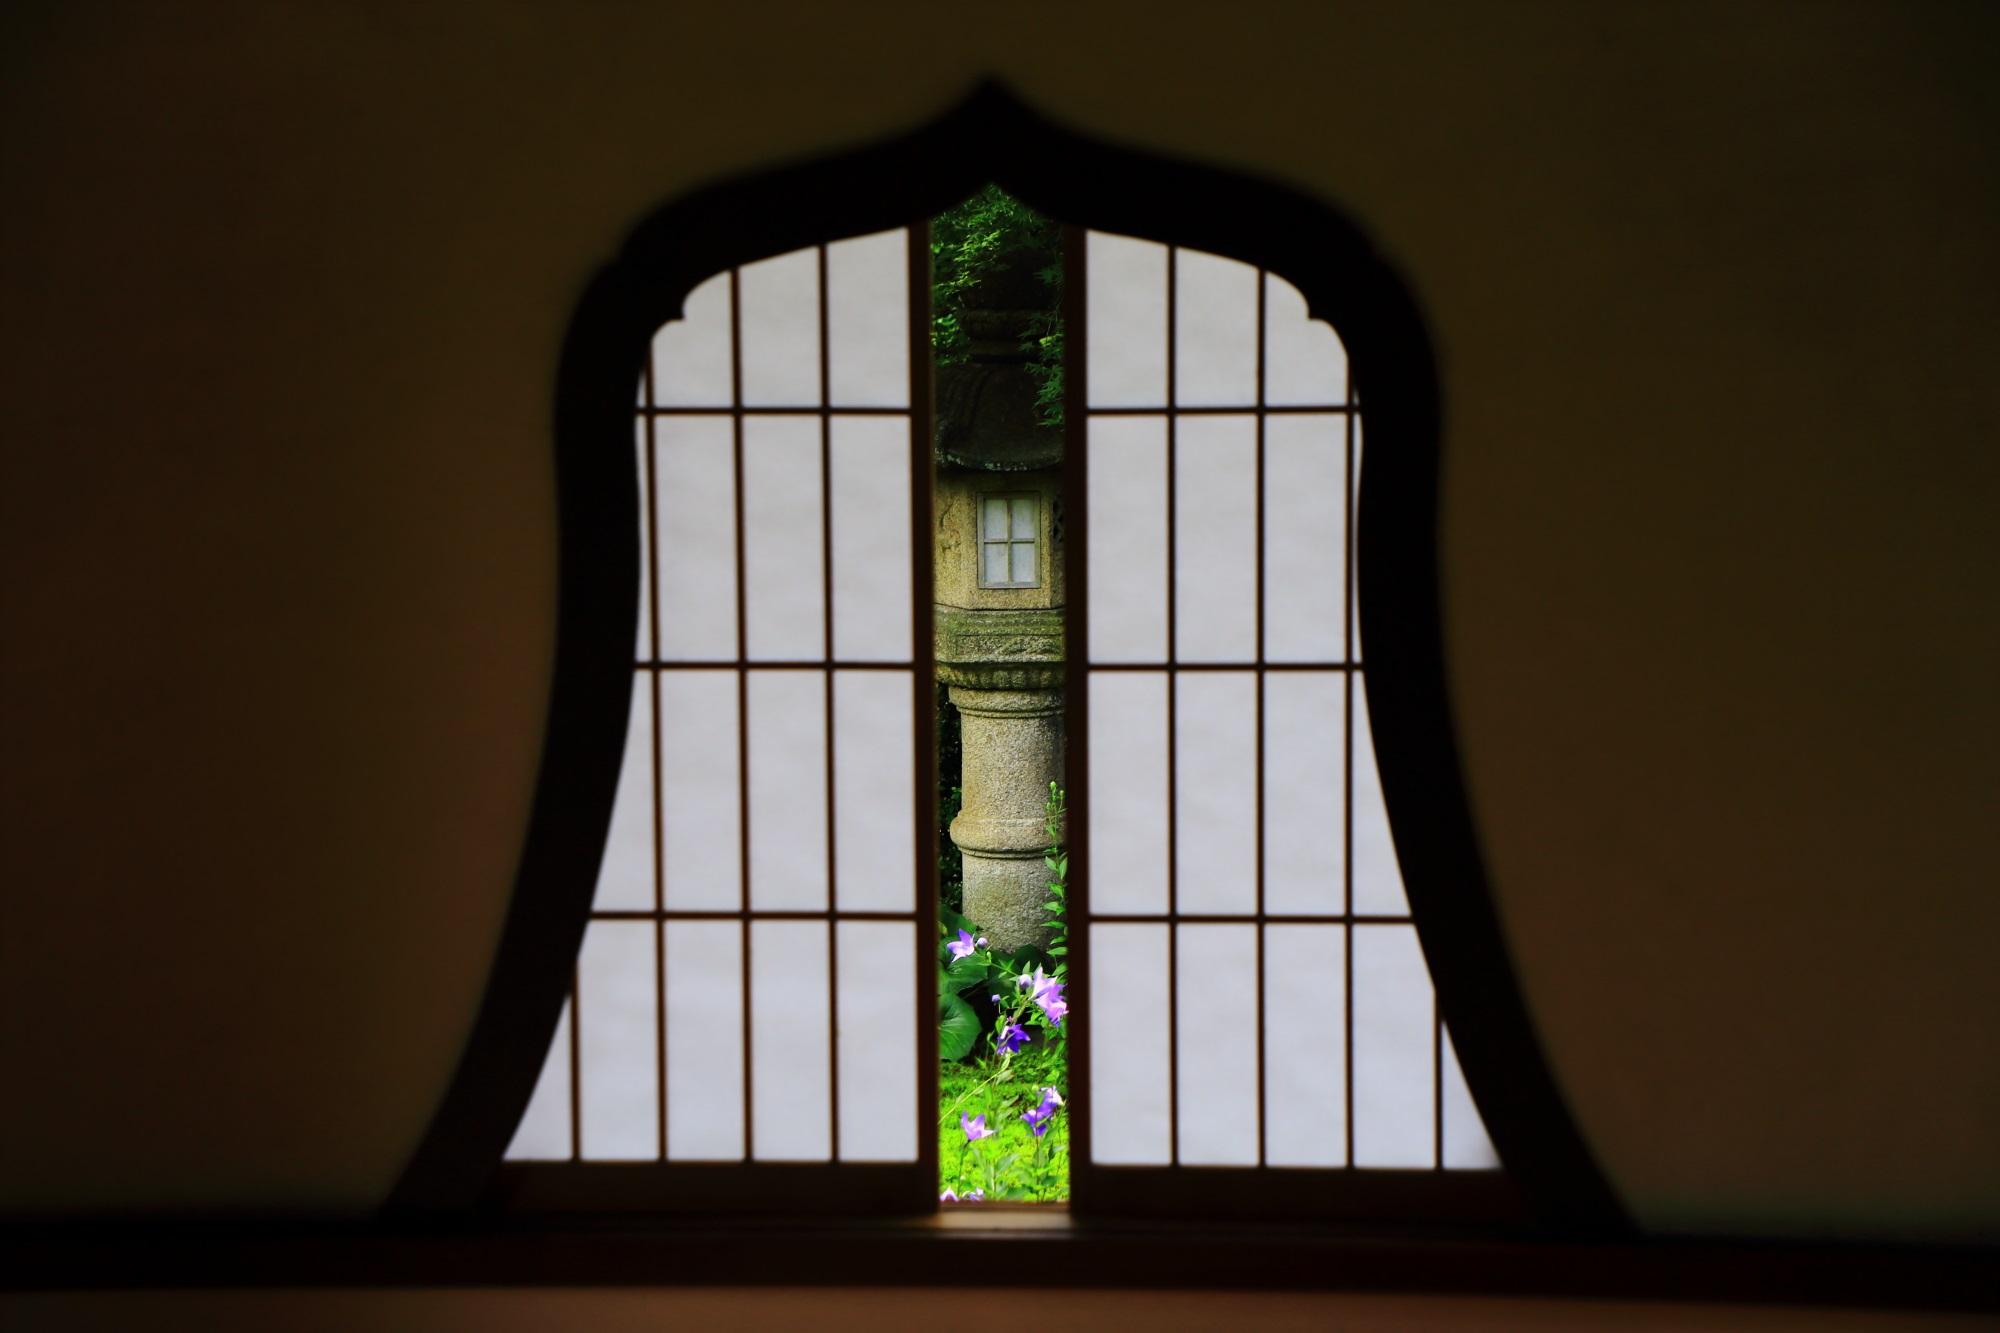 天得院の障子を閉めて趣きが変わった華頭窓